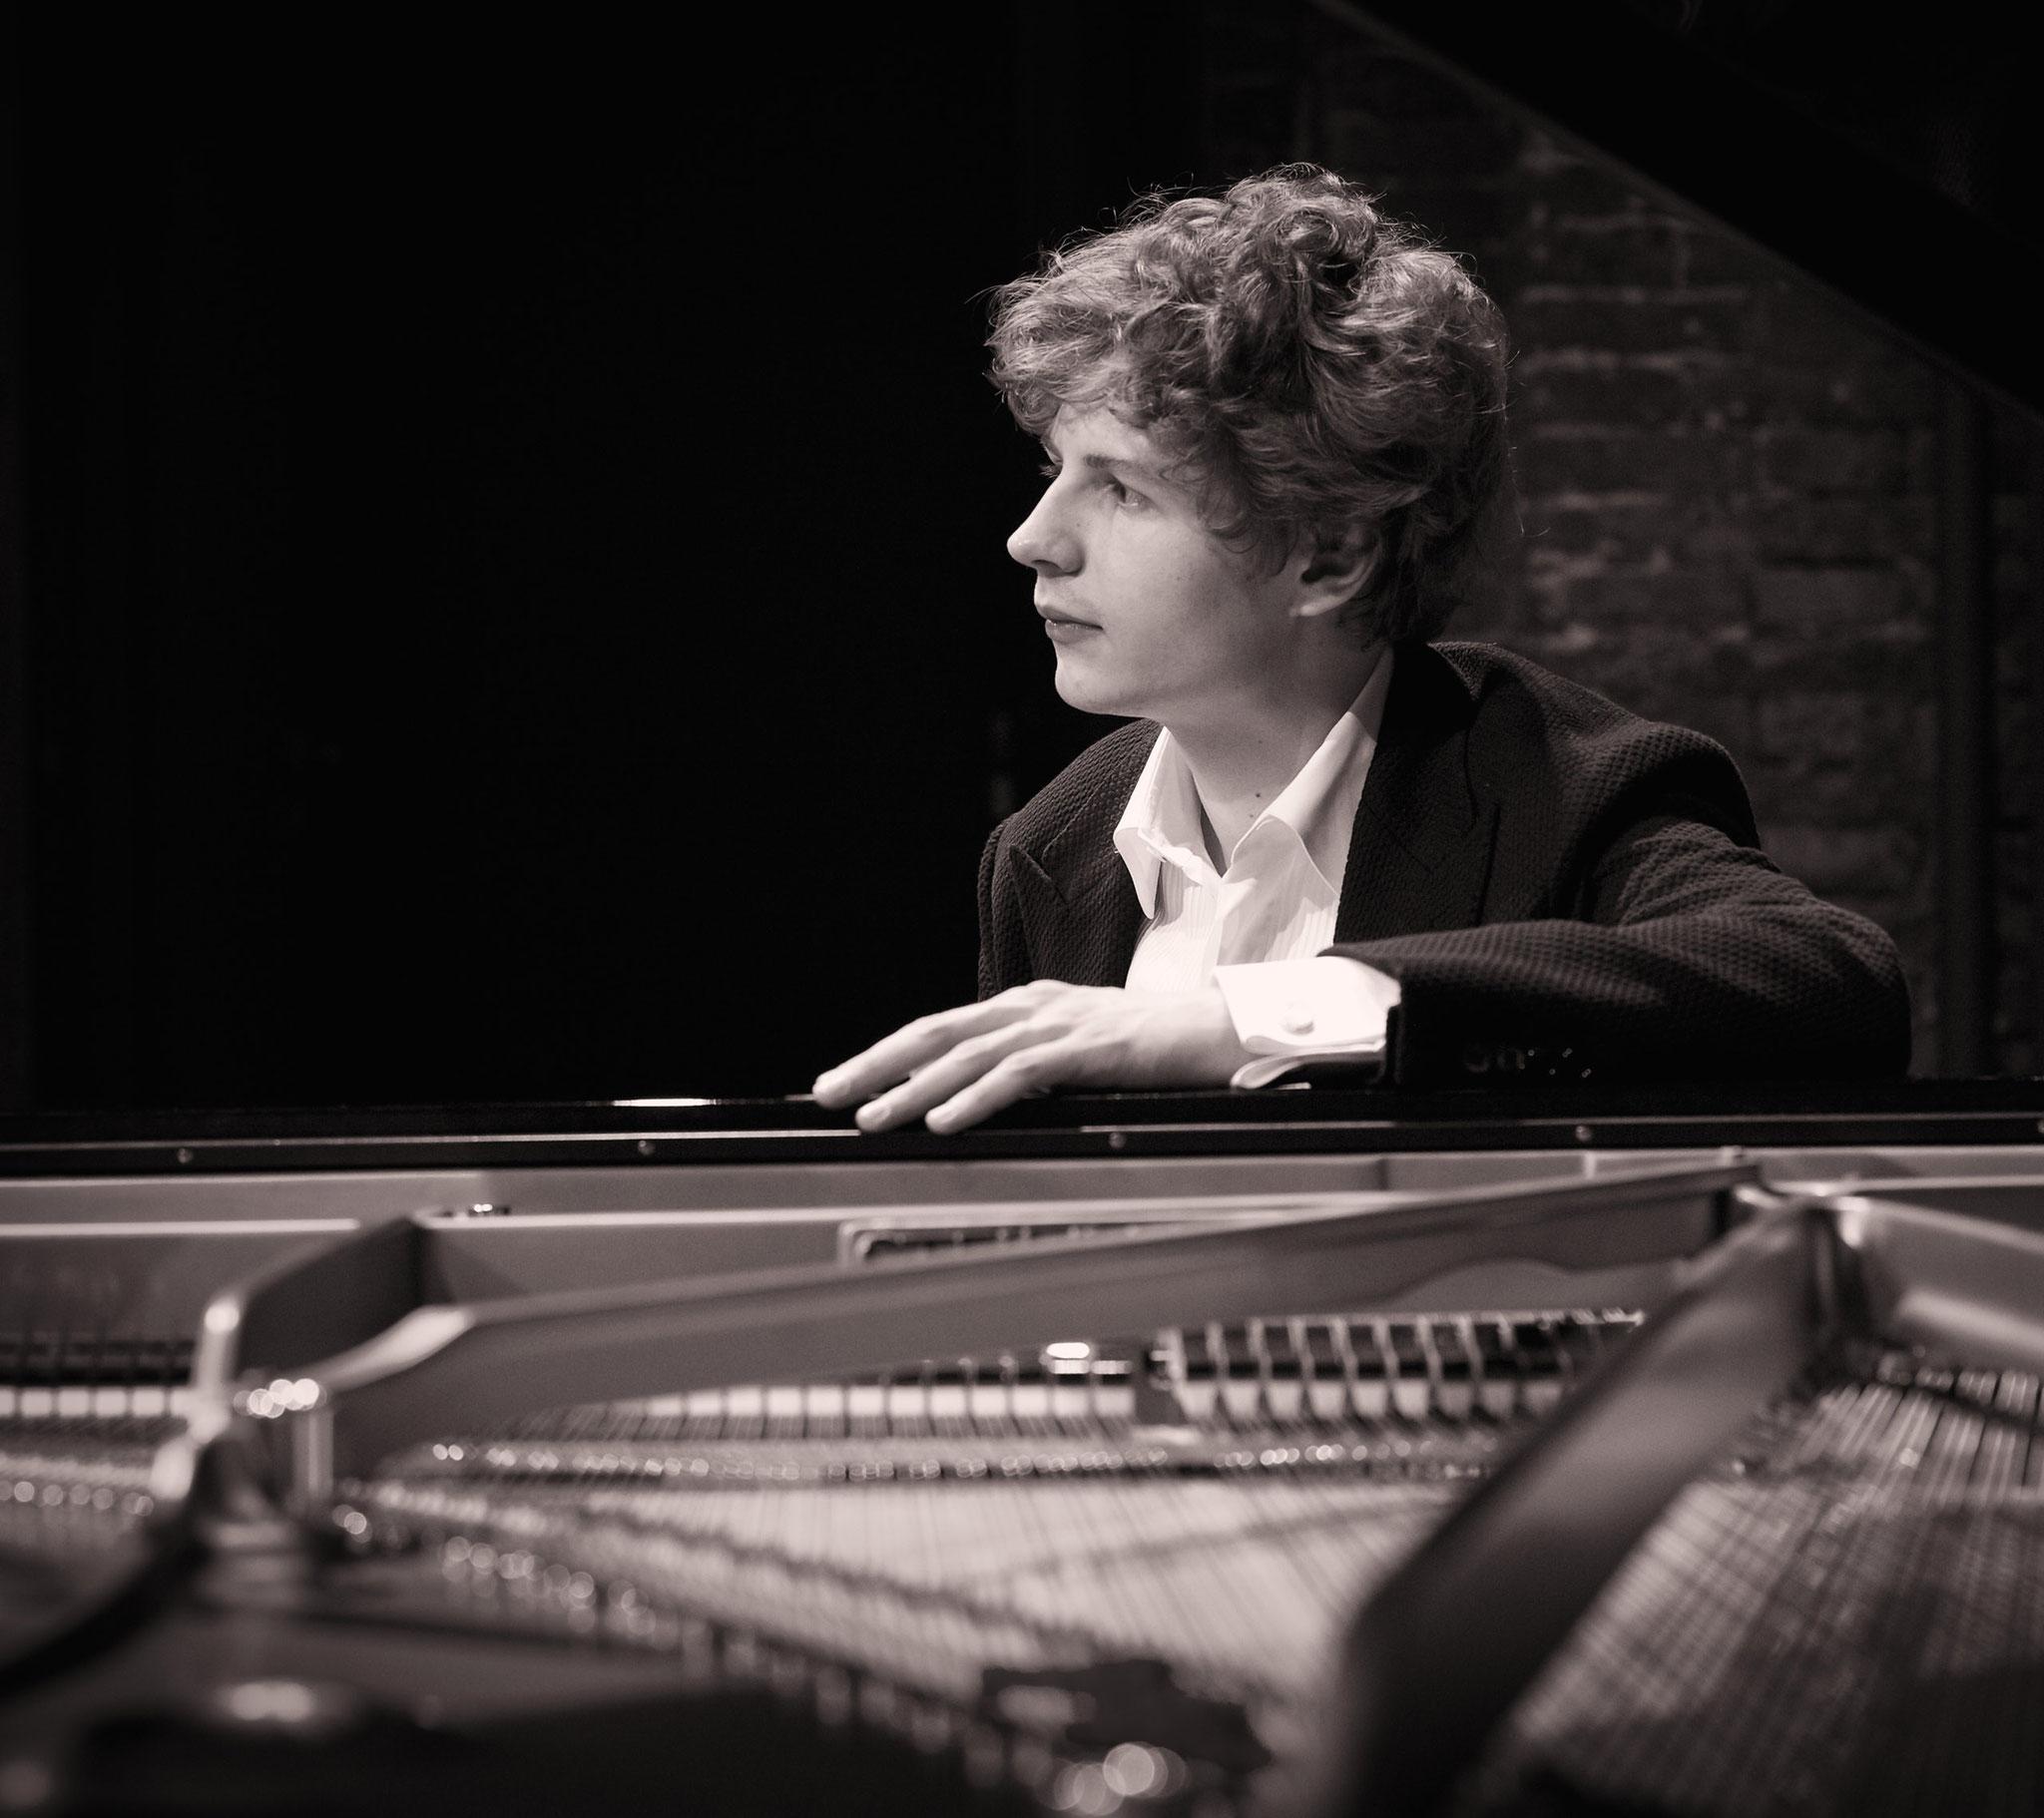 Pavel Koleshnikov, Pianist